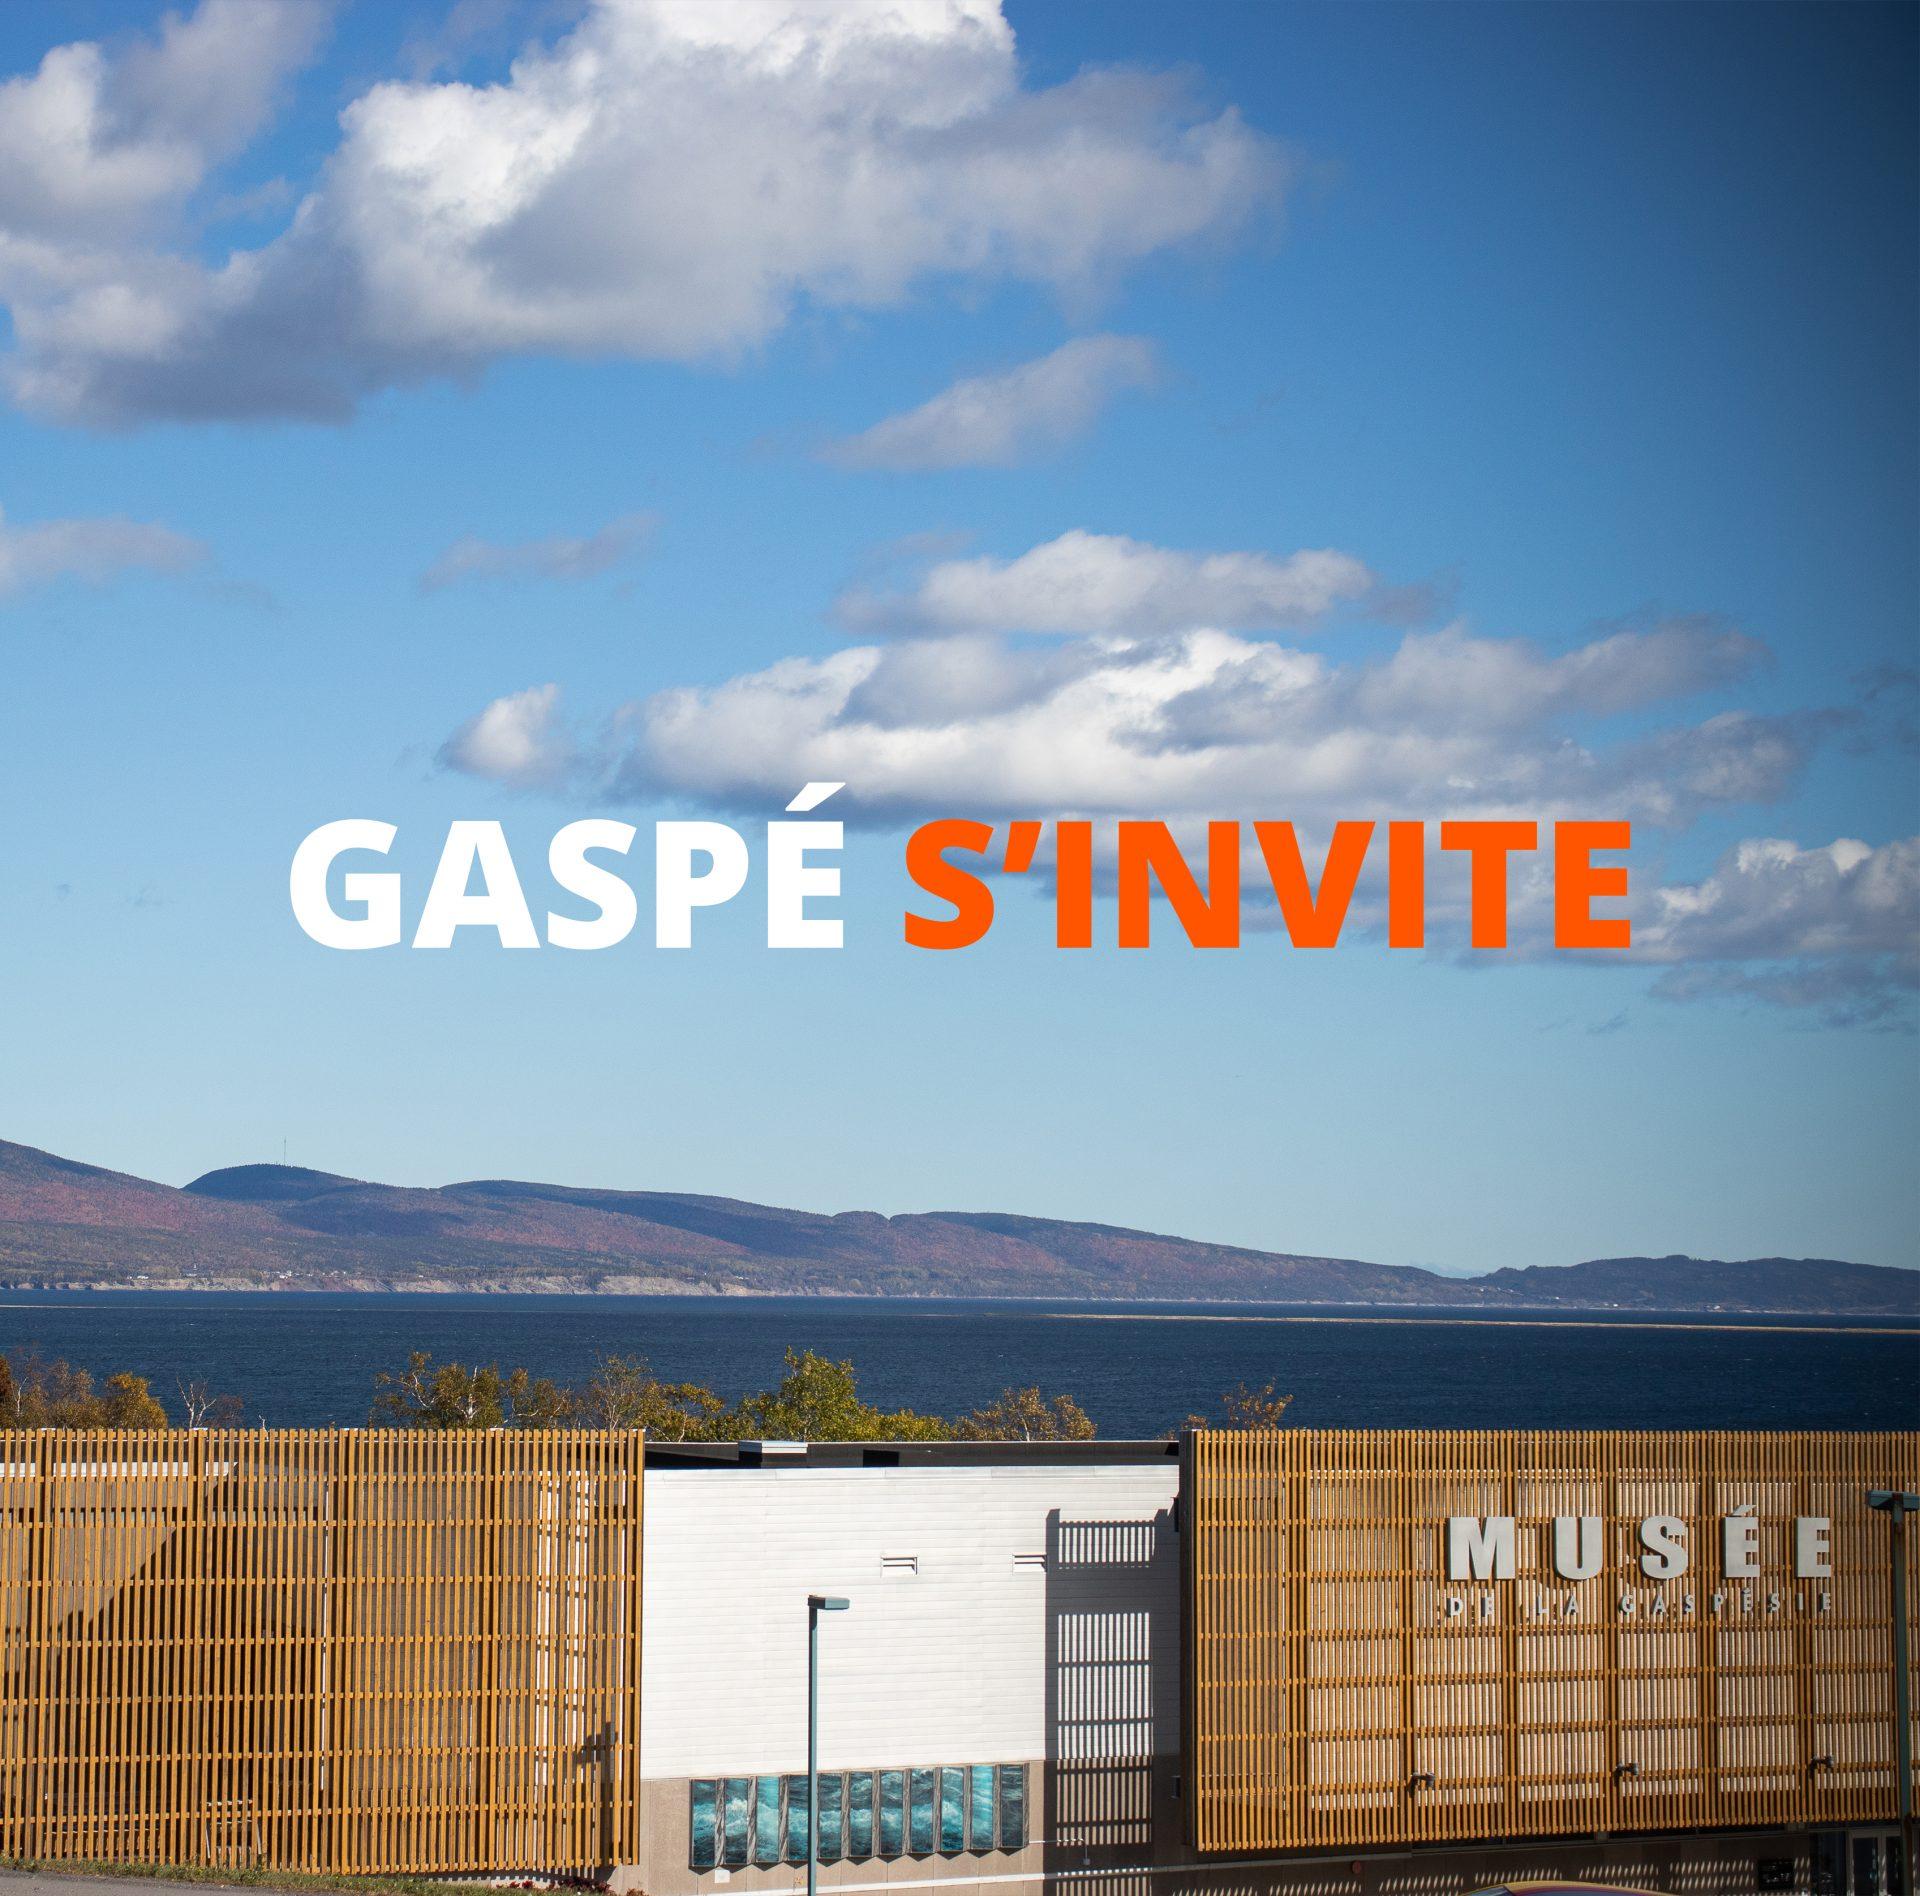 Gaspé s'invite : Visite au Musée de la Gaspésie